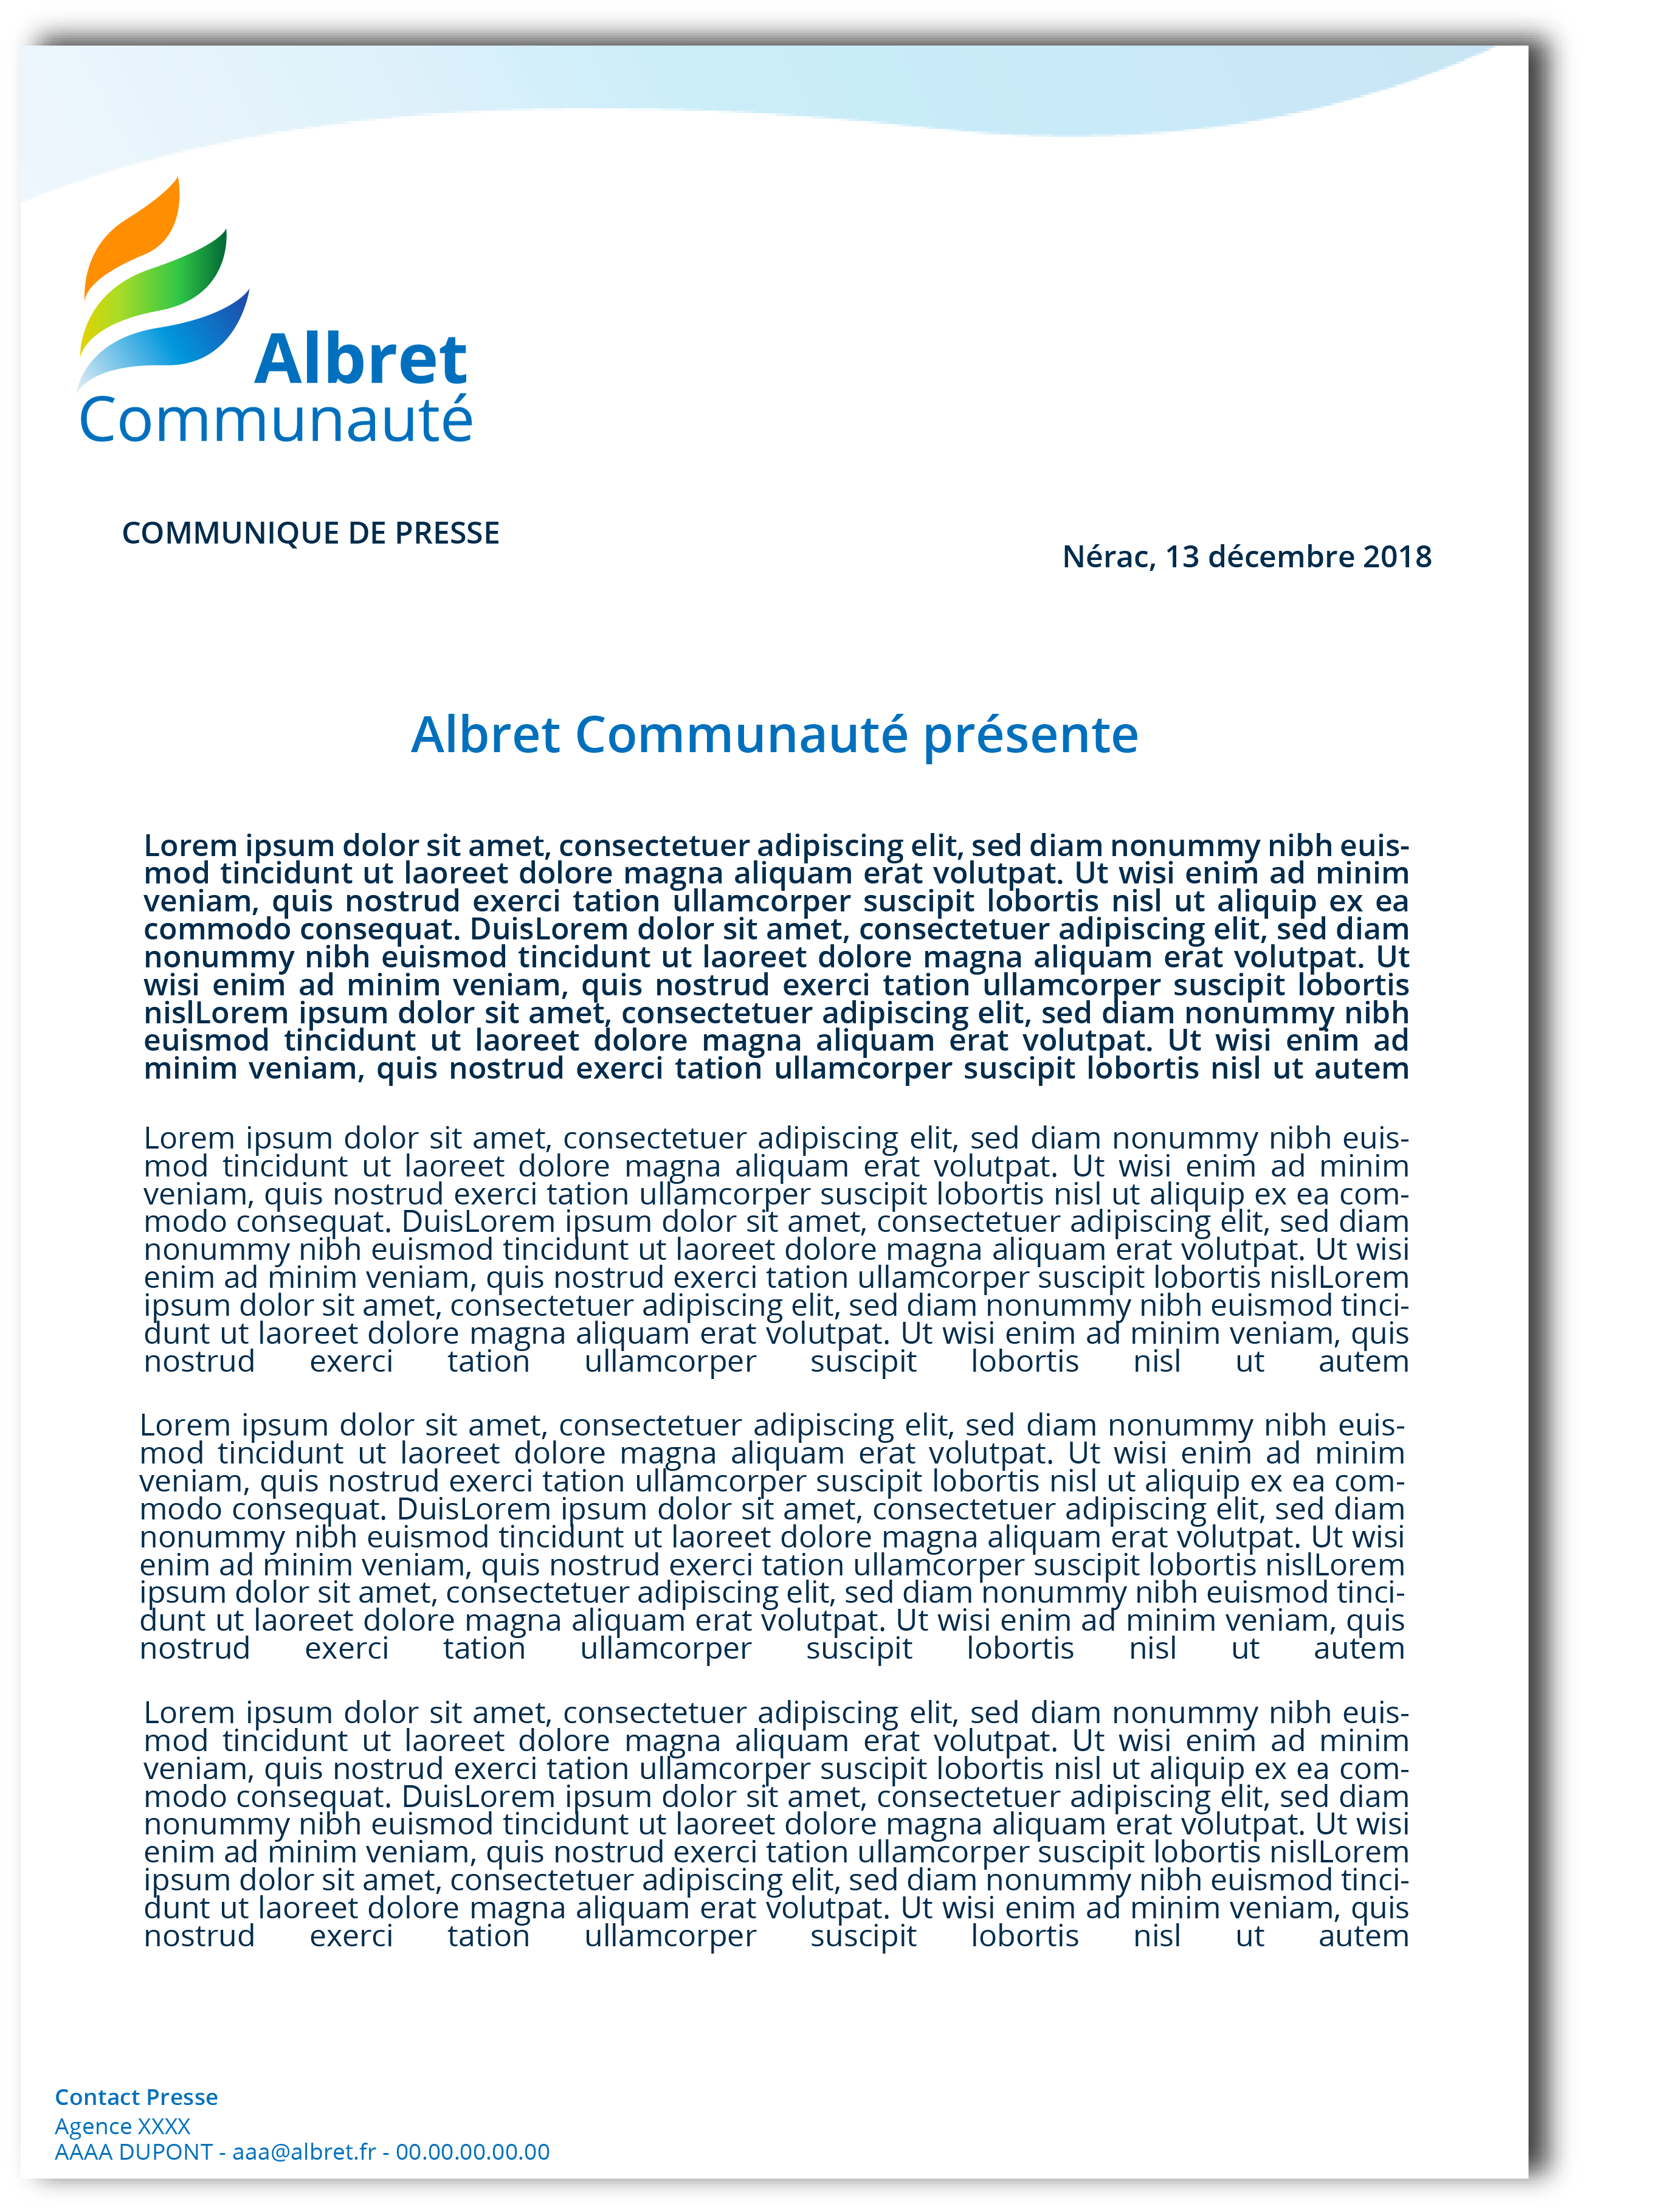 Exemple communiqué de presse charte graphique Albret Communauté